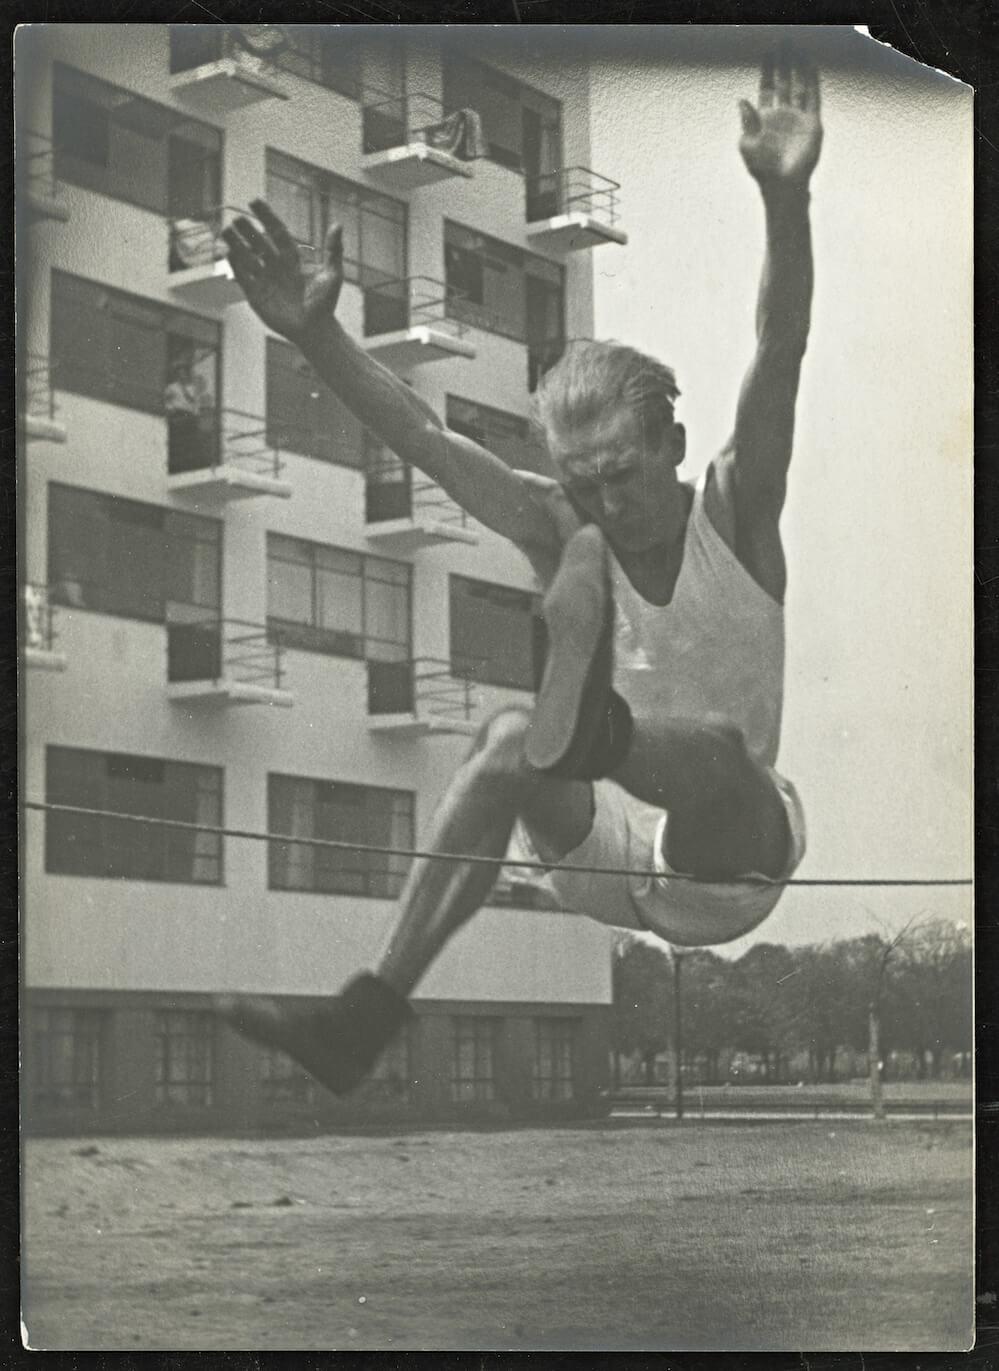 ca. 1928 Erich Consemüller (high jump in front of the Bauhaus/Prellerhaus)  Copyright: Stiftung Bauhaus Dessau (Besitz Scan) (I 44765/1-2) / © (Hollos-Consemüller, Ruth) Consemüller, Stephan (Eigentum Original Vintage Print)